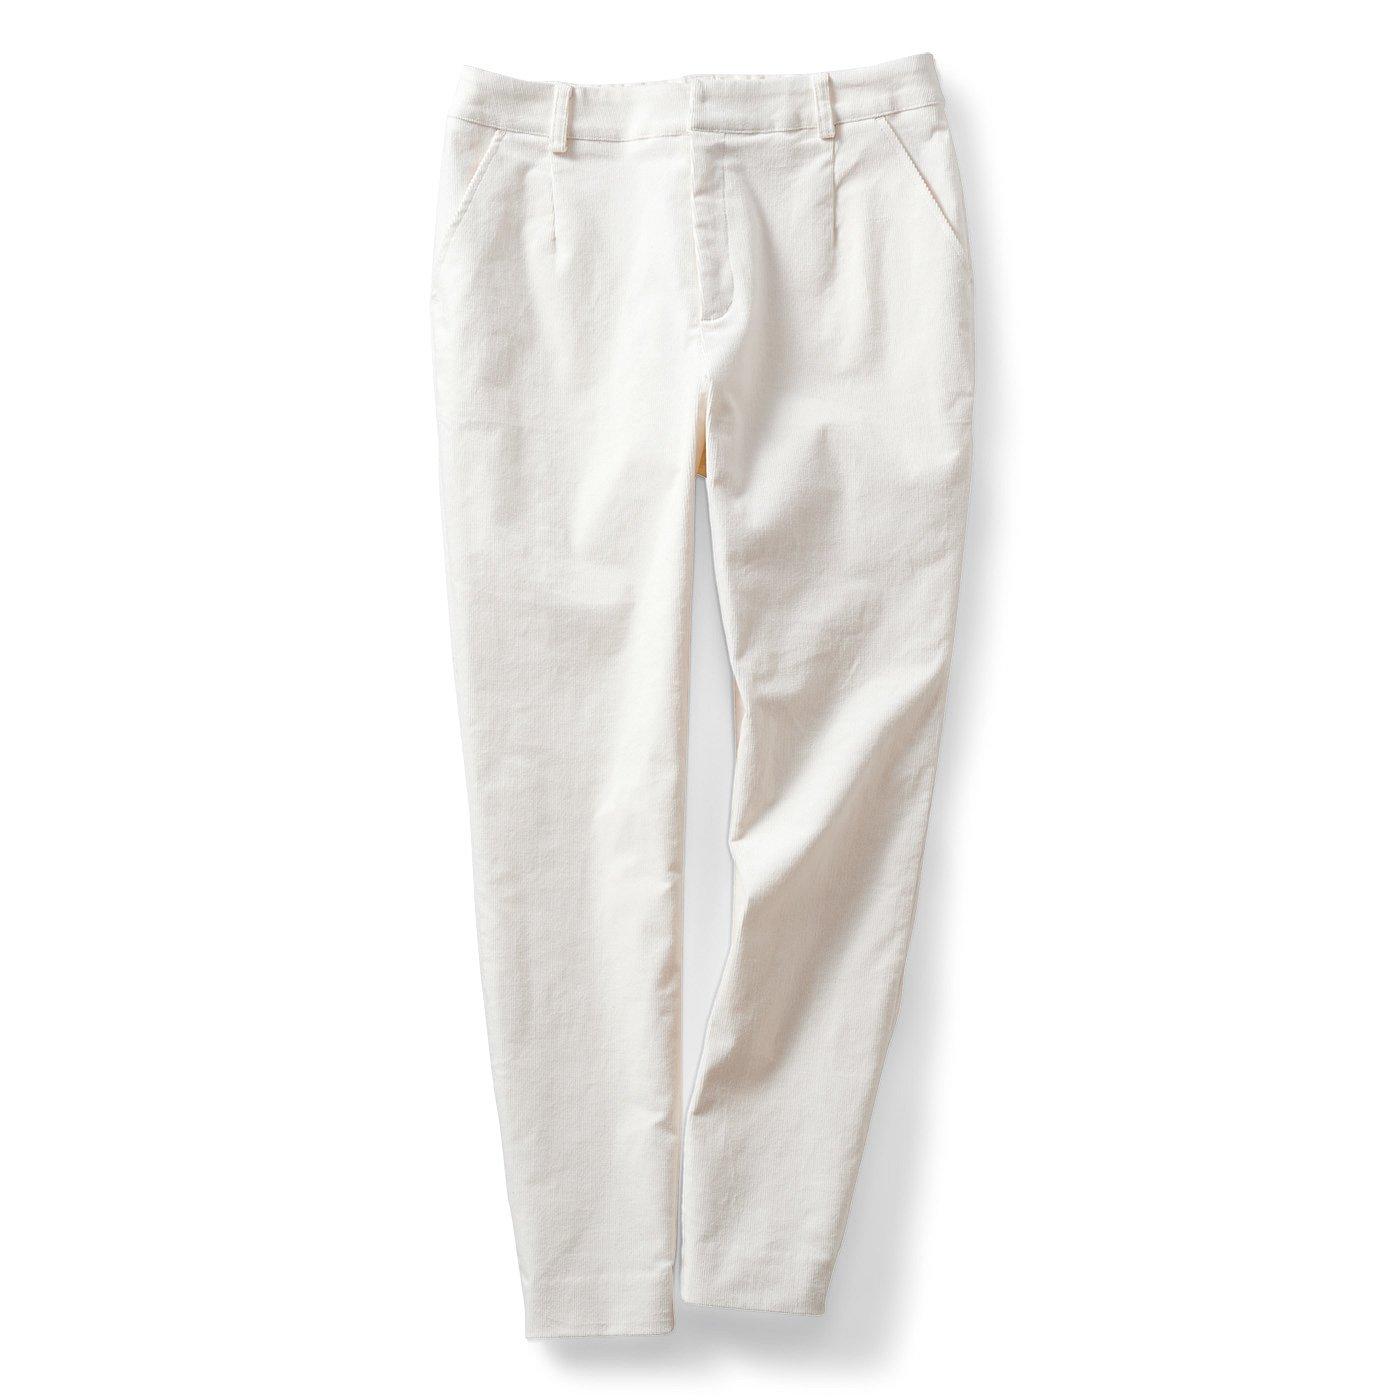 IEDIT[イディット] 細うねコーデュロイ クレッシェンドカット(R)パンツ〈ホワイト〉